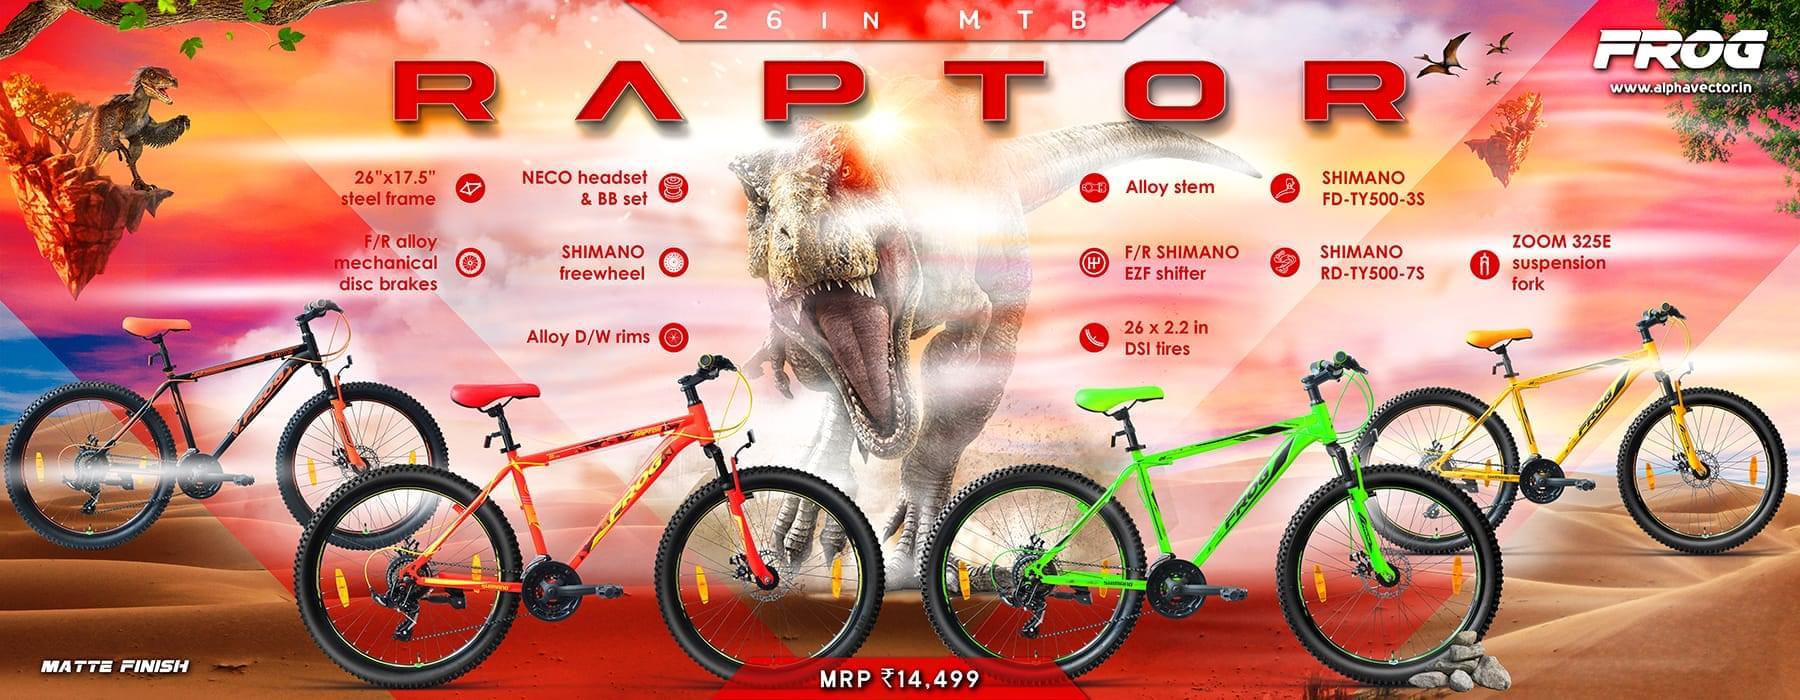 Raptor 26 Yellow image 2